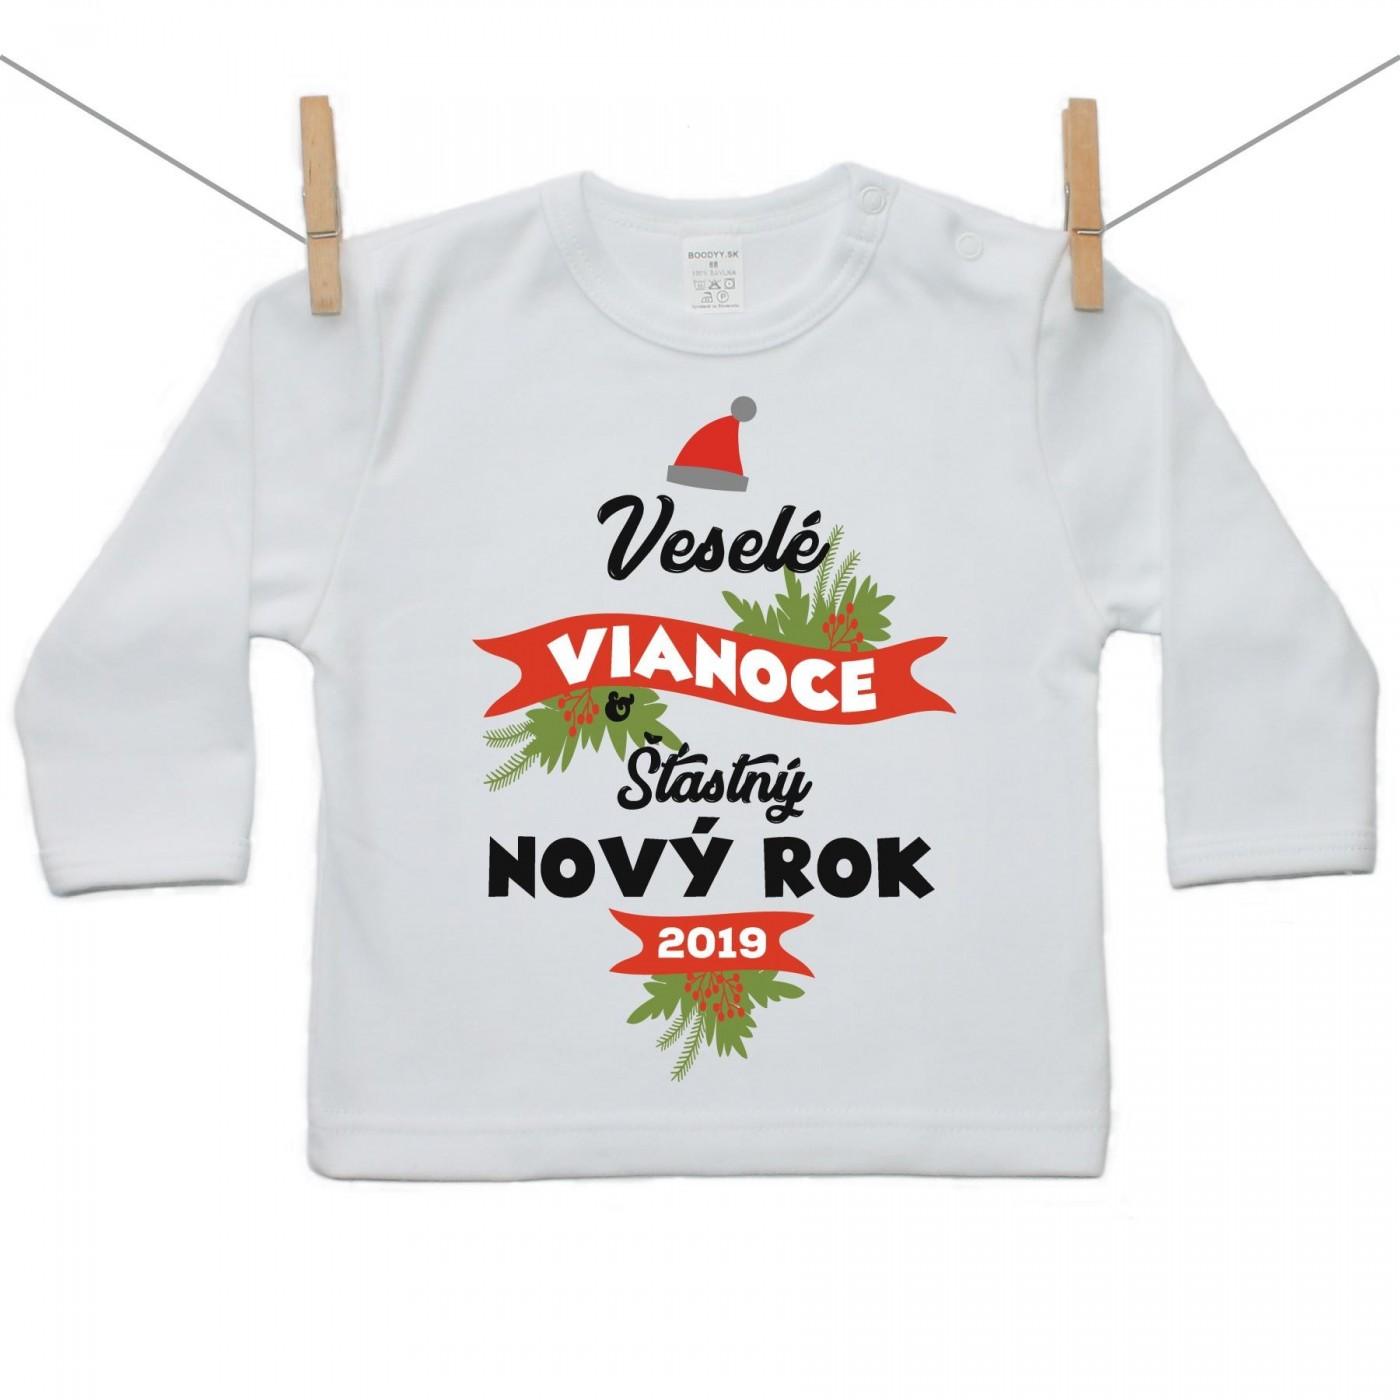 755158b0d960 Tričko s dlhým rukávom Veselé Vianoce a šťastný nový rok - Tričká s ...